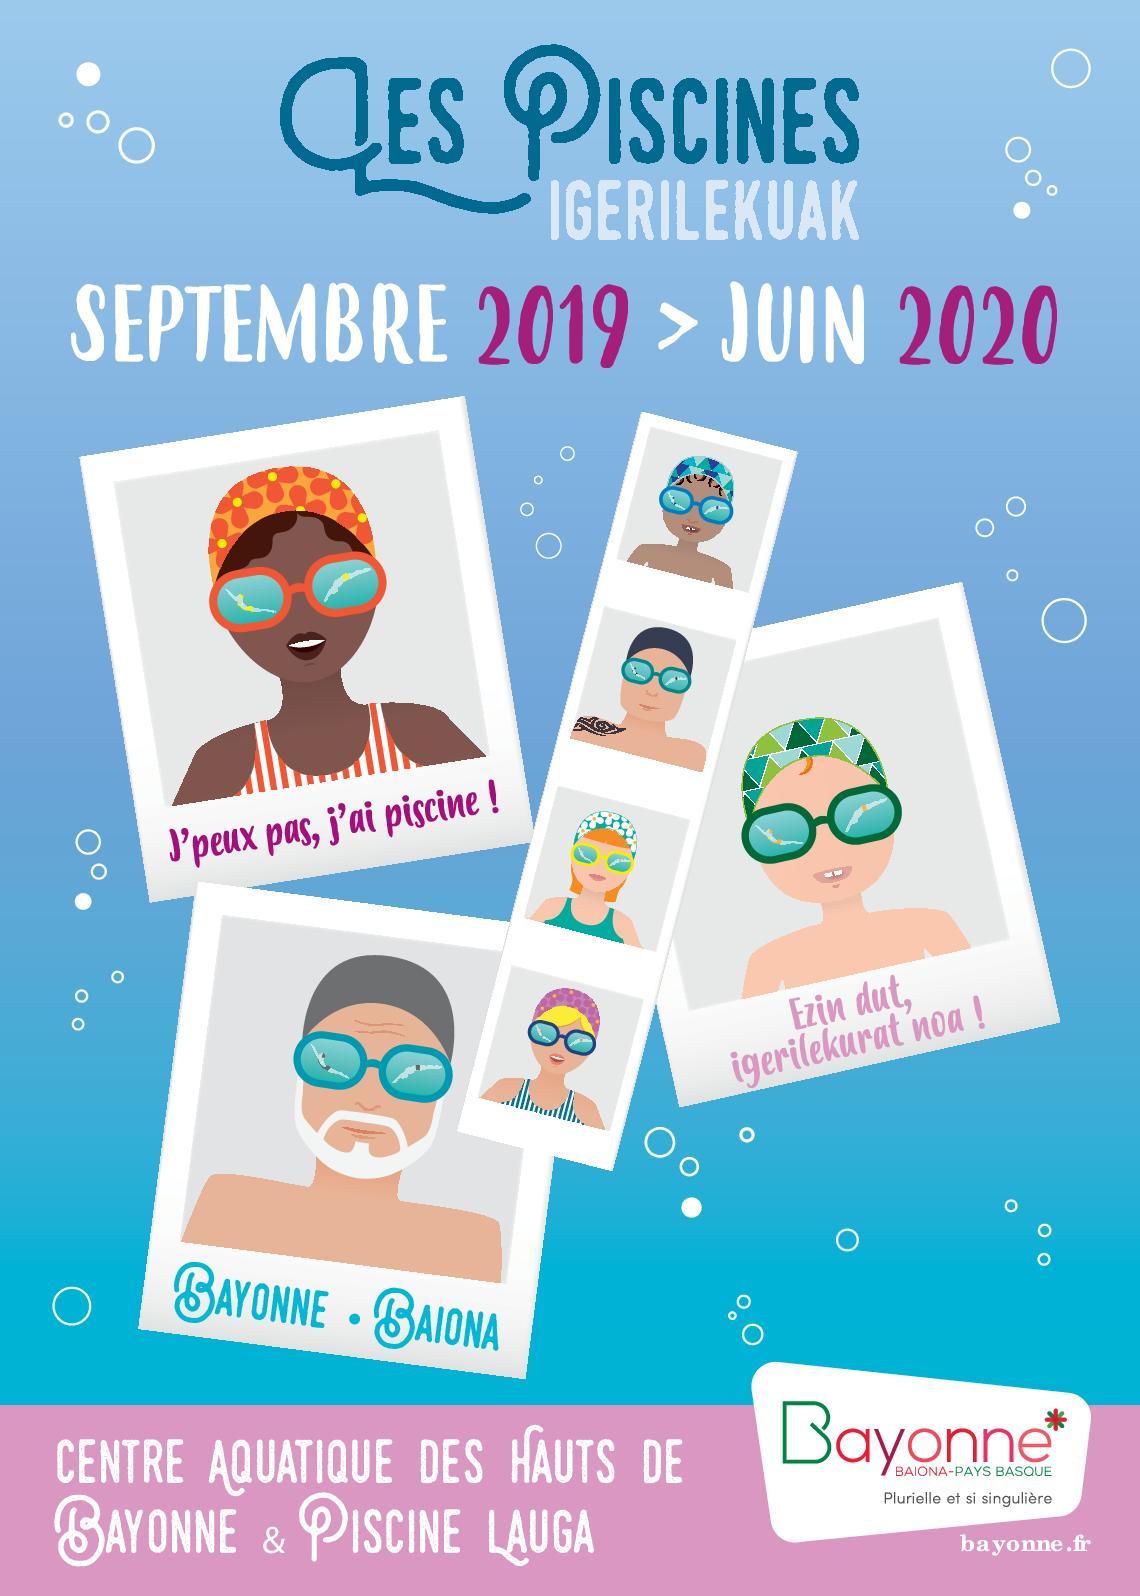 Calaméo - Guide Des Piscines 2019-2020 concernant Centre Aquatique Des Hauts De Bayonne Piscine Bayonne